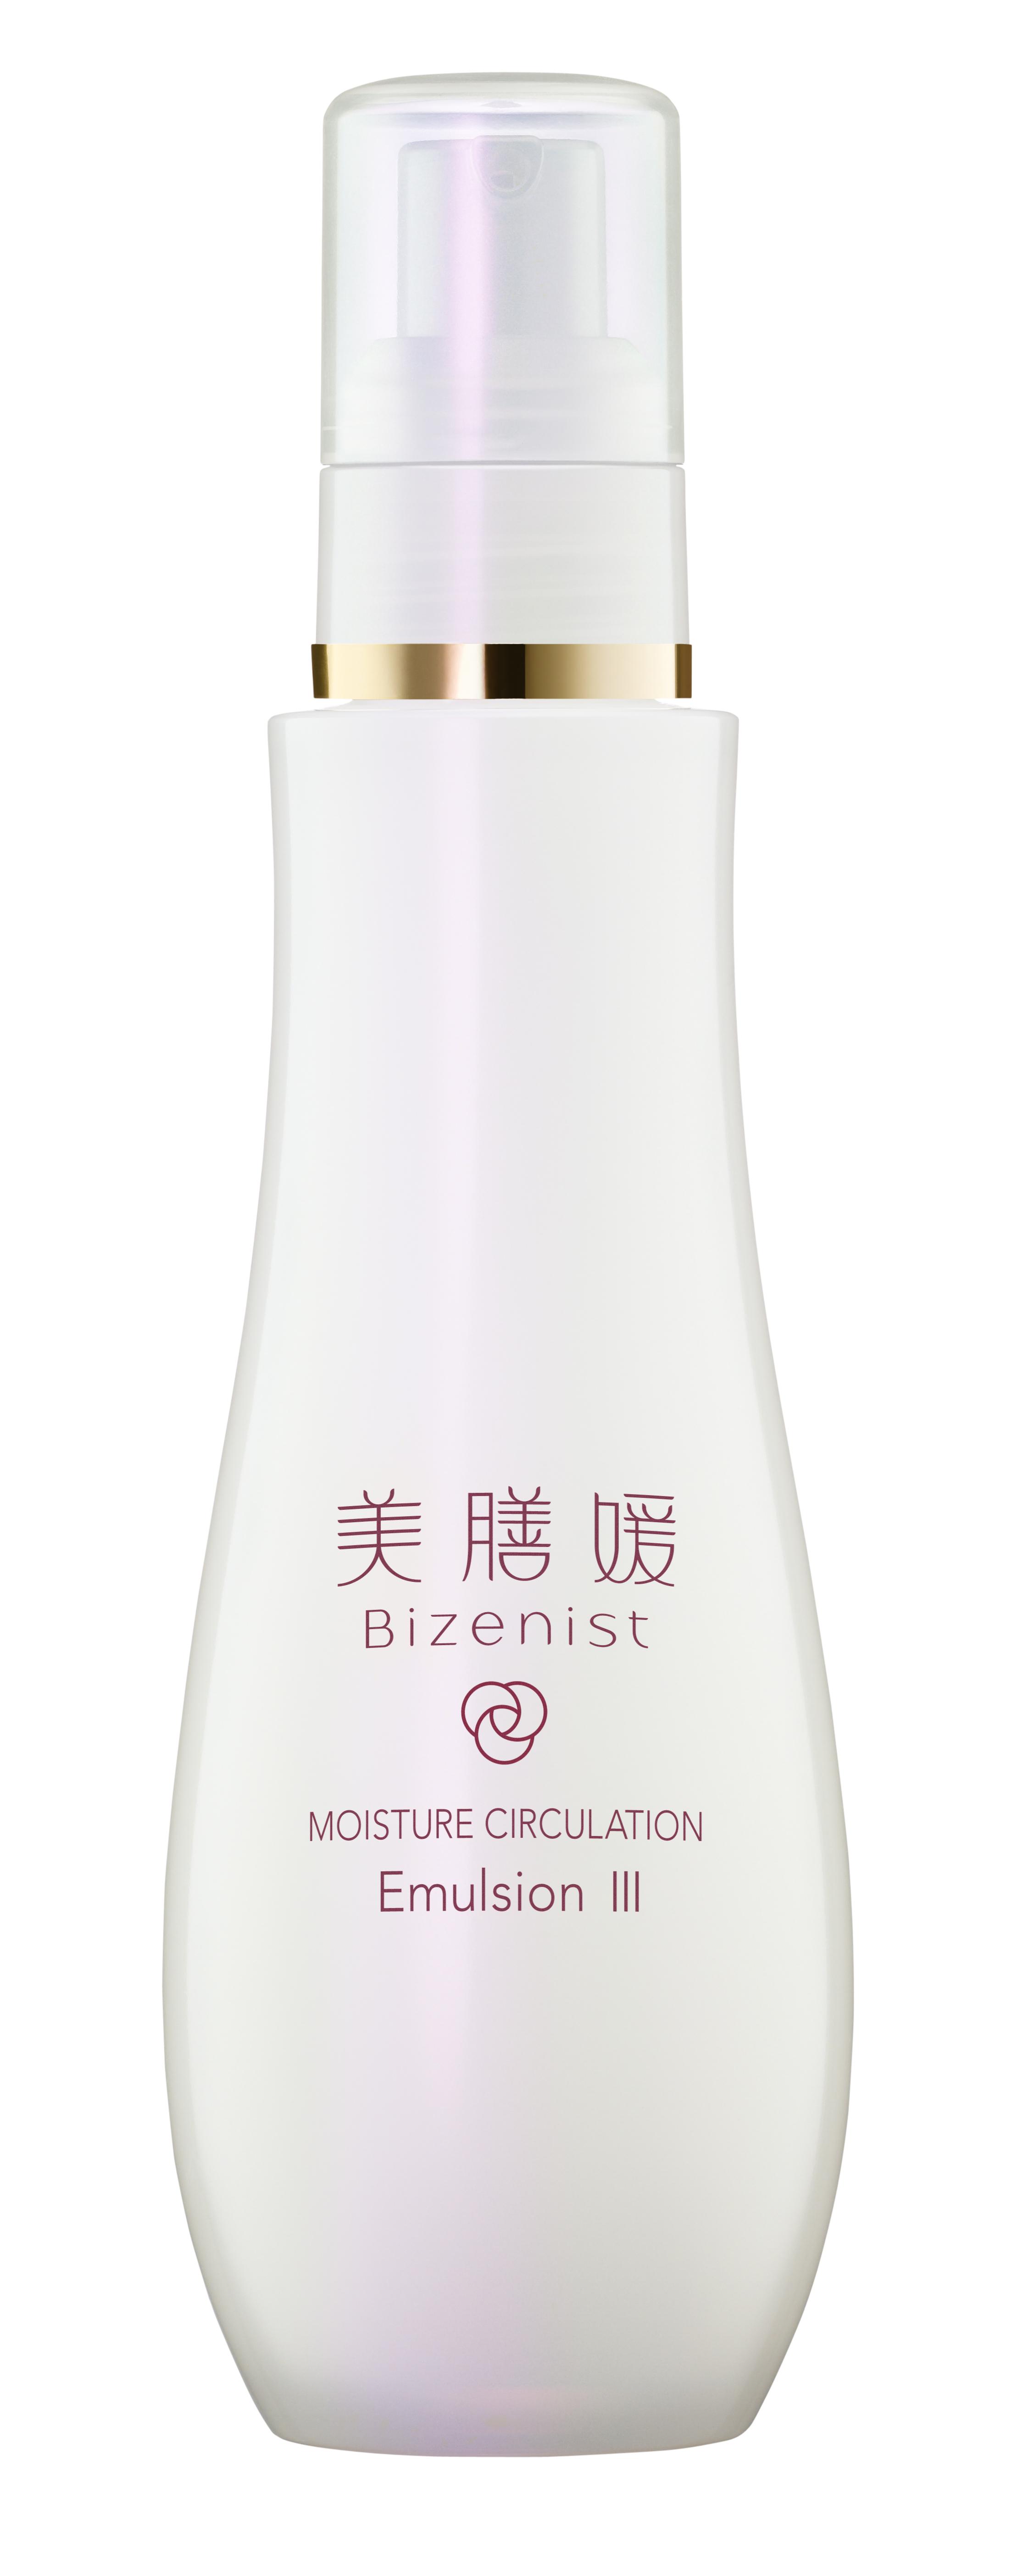 循雅沁润乳液III